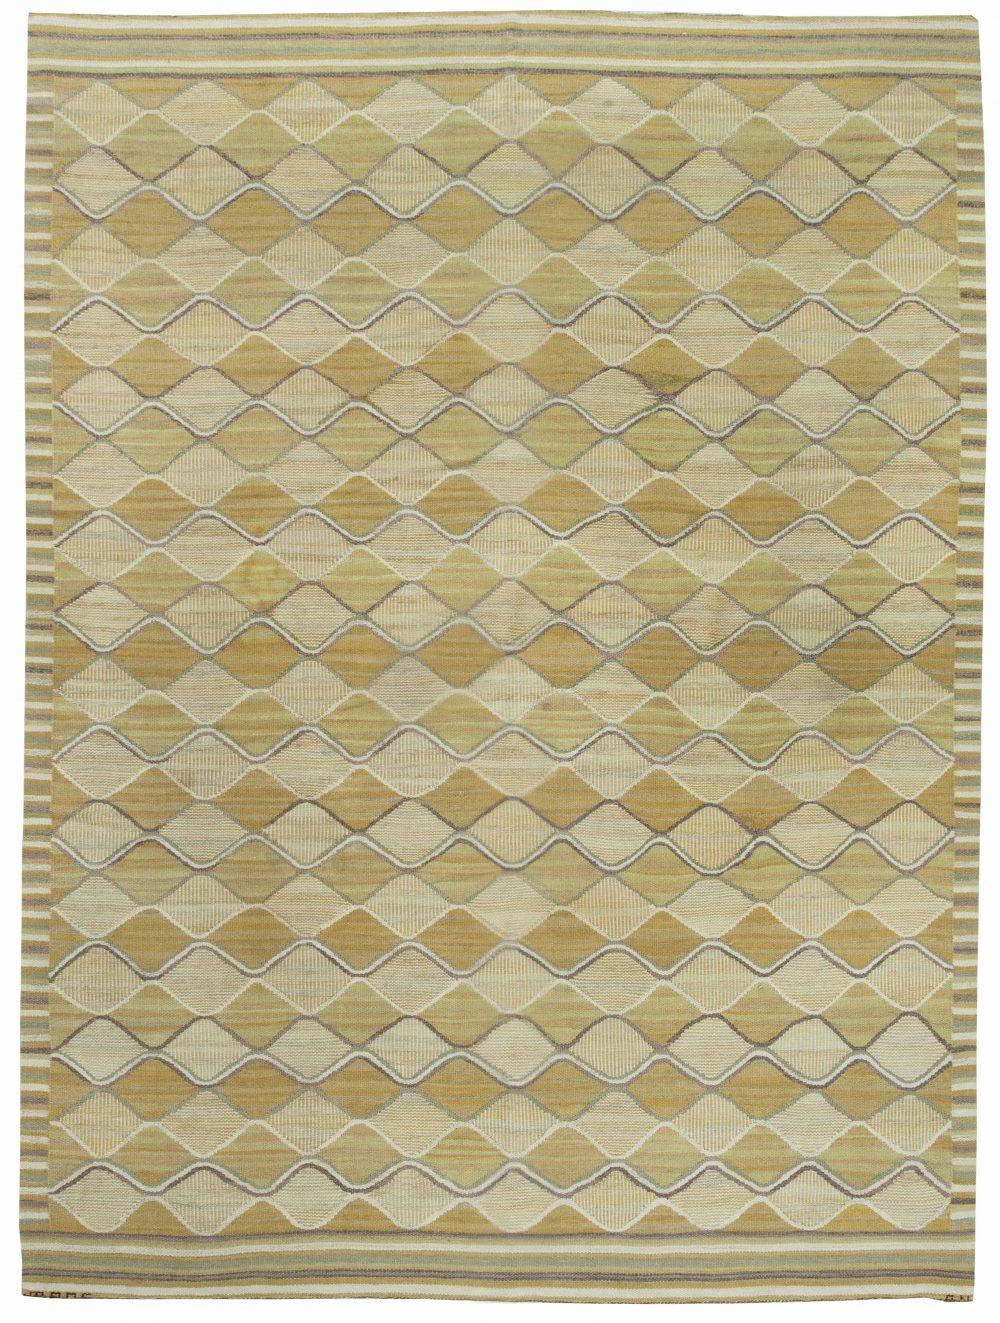 Swedish Flat Weave (Spattangul) Rug by Marta Mass Fjetterstrom BB6366